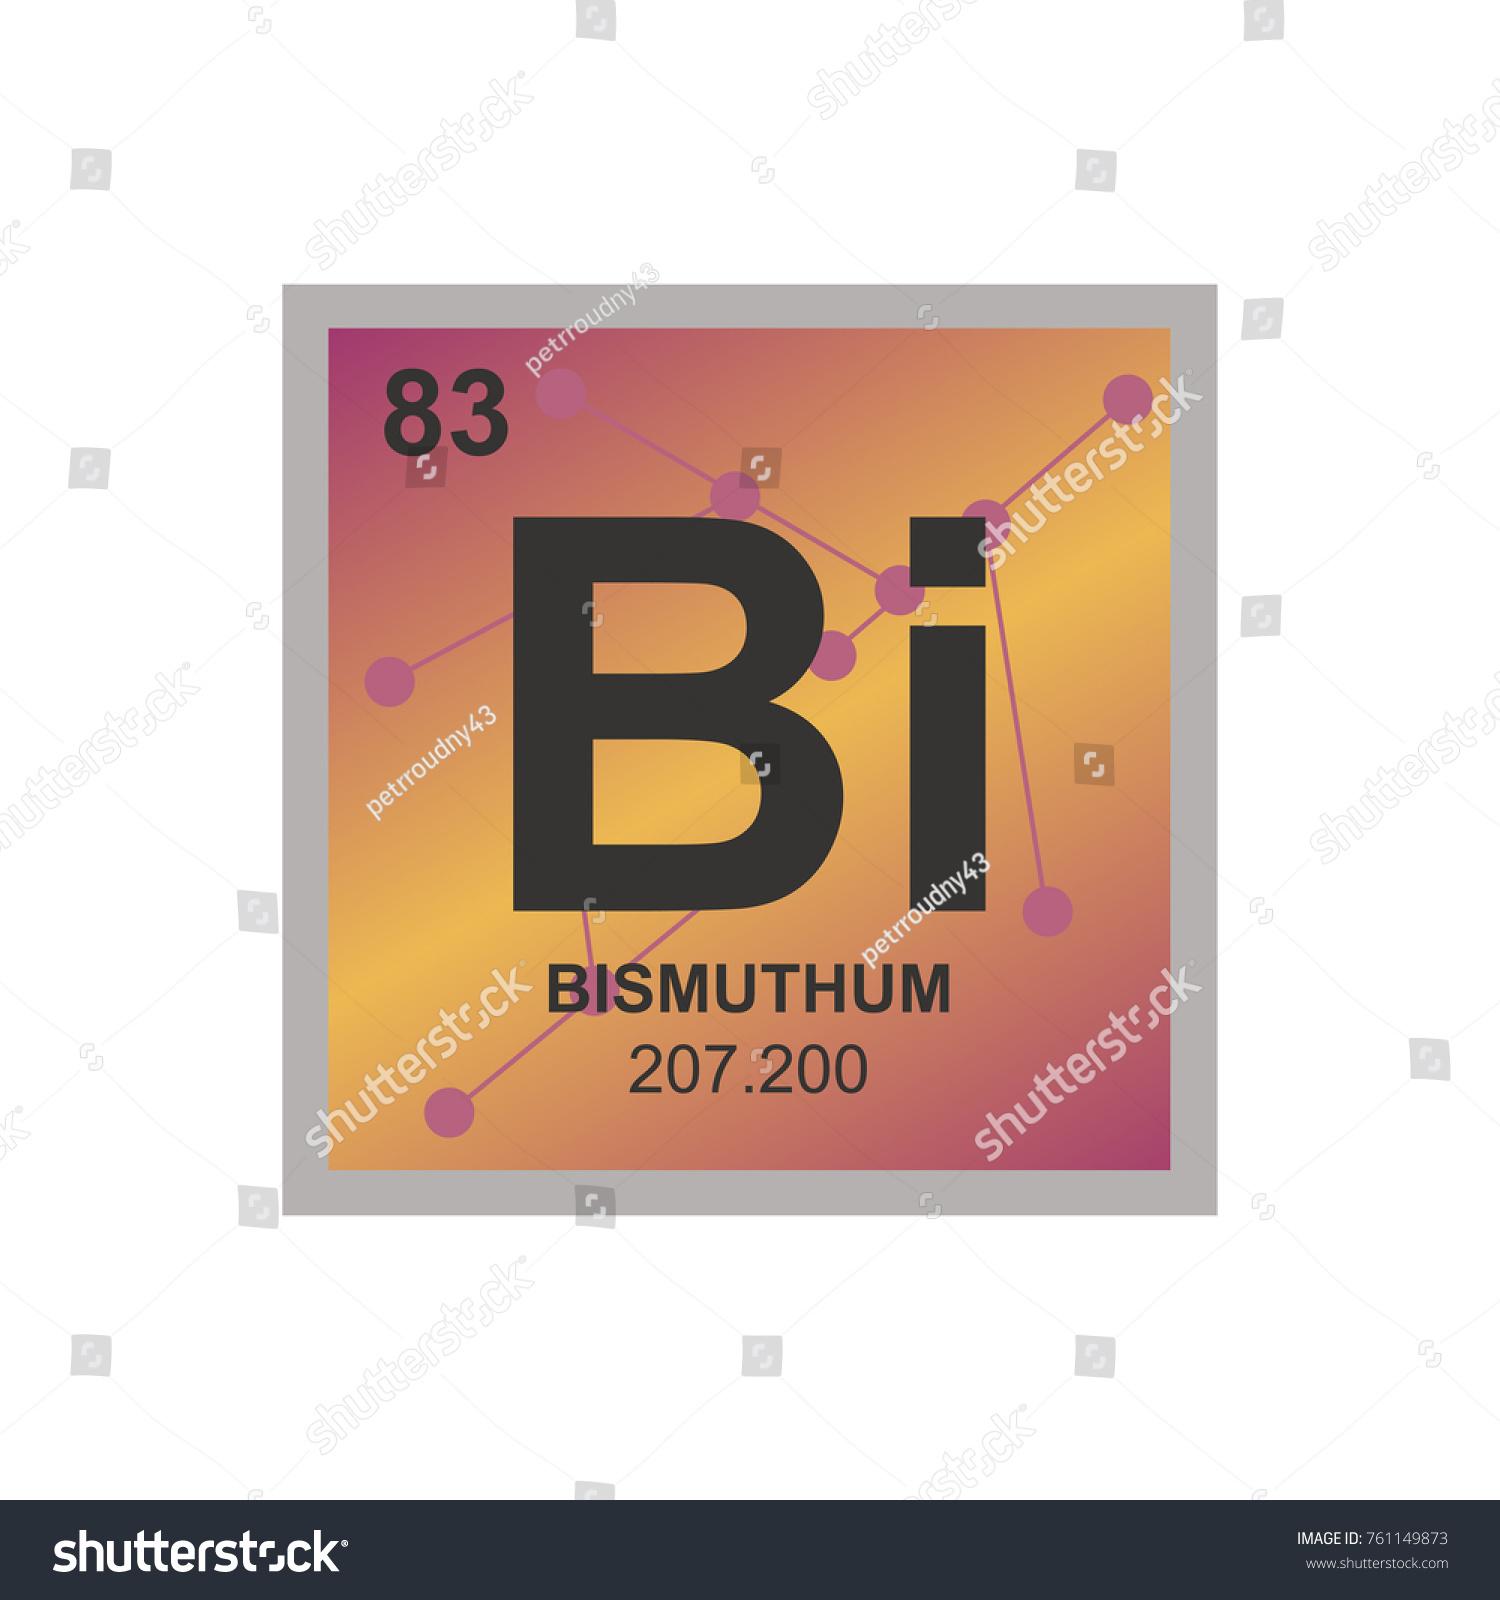 Cesium symbol periodic table images periodic table images periodic table of elements in alphabetical order by symbol choice periodic table of elements in alphabetical gamestrikefo Gallery